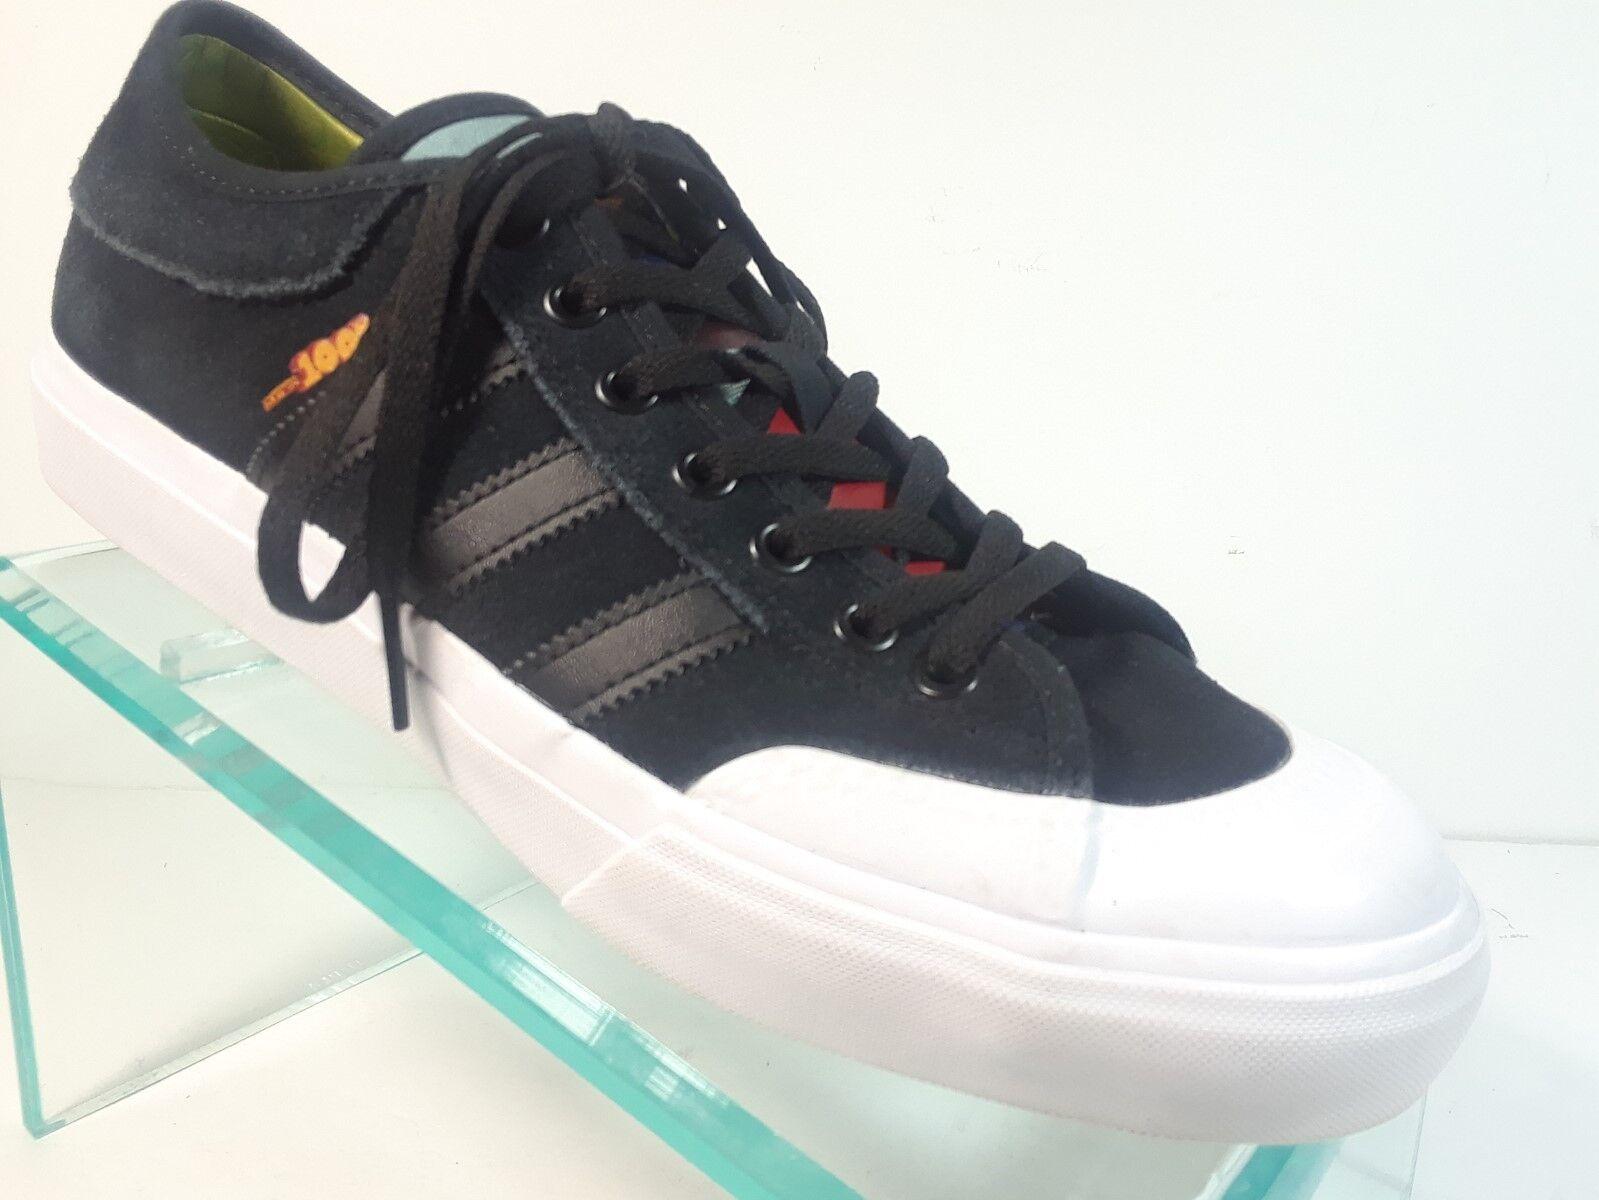 Adidas Matchcourt Zumiez 100K 2017 Black Suede Men's Size 8.5 M